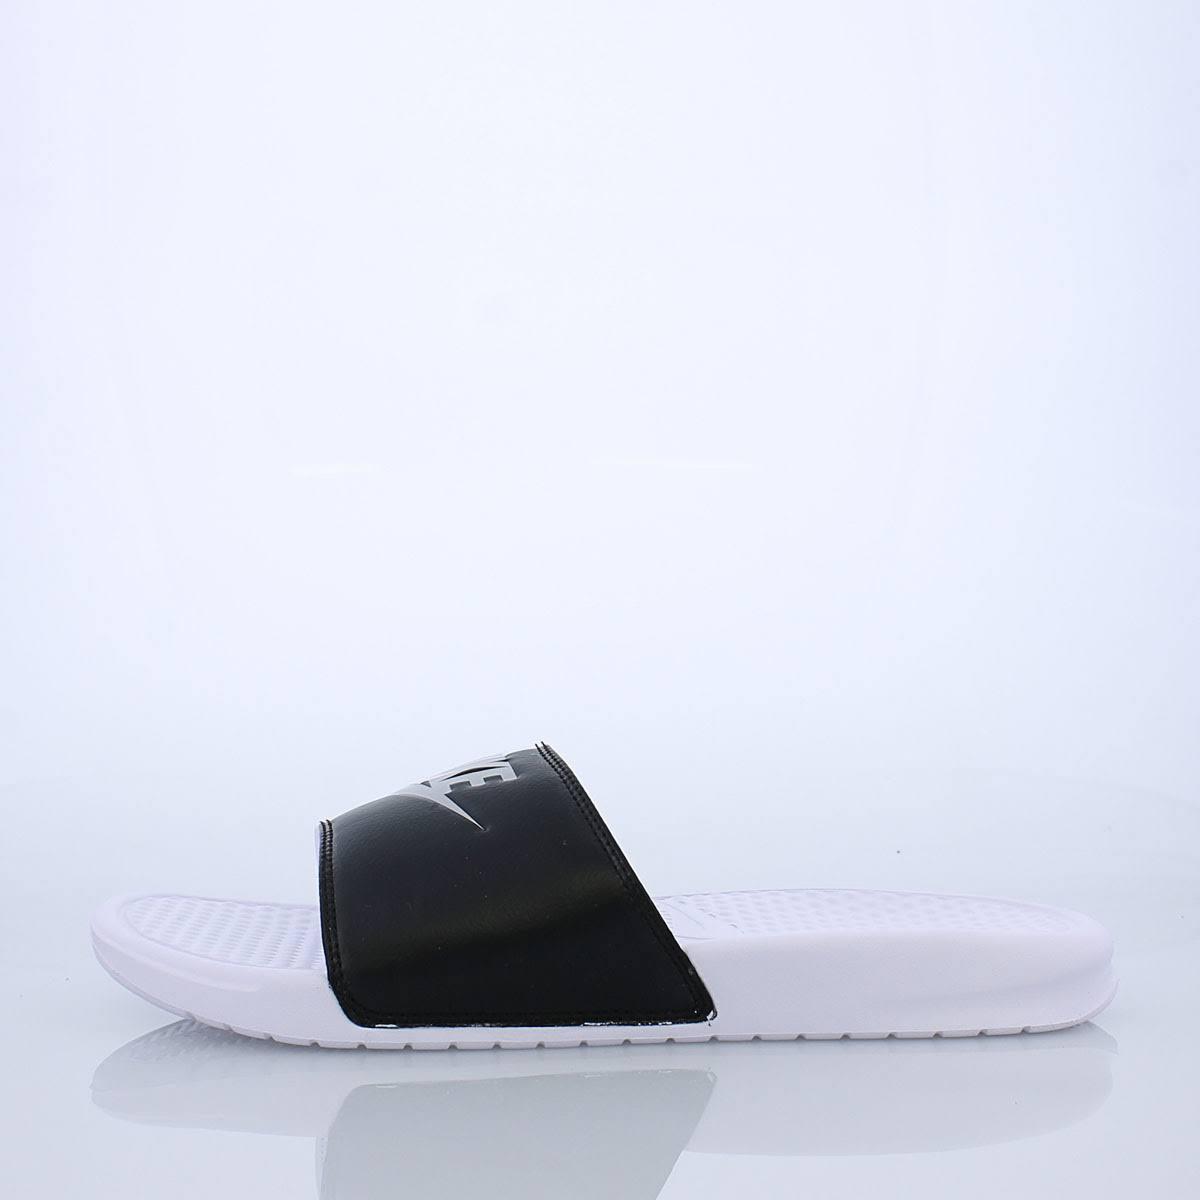 Slide Benassi Platin Jdi 343880104 Nike Schwarz 11 Größe Weiß Reines Herren OPxwE7H